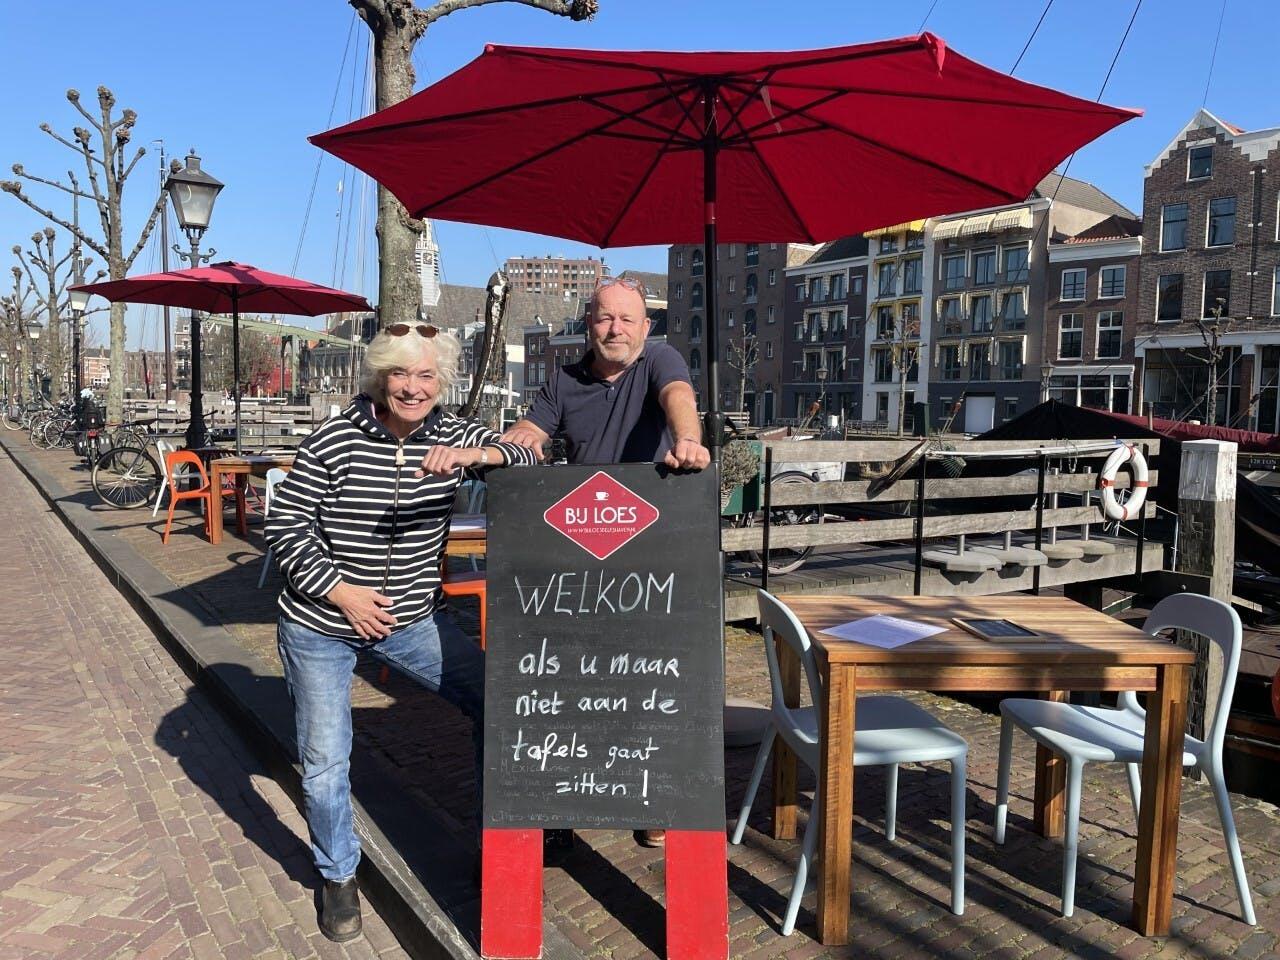 Lunchrestaurant Bij Loes in Delfshaven in Rotterdam